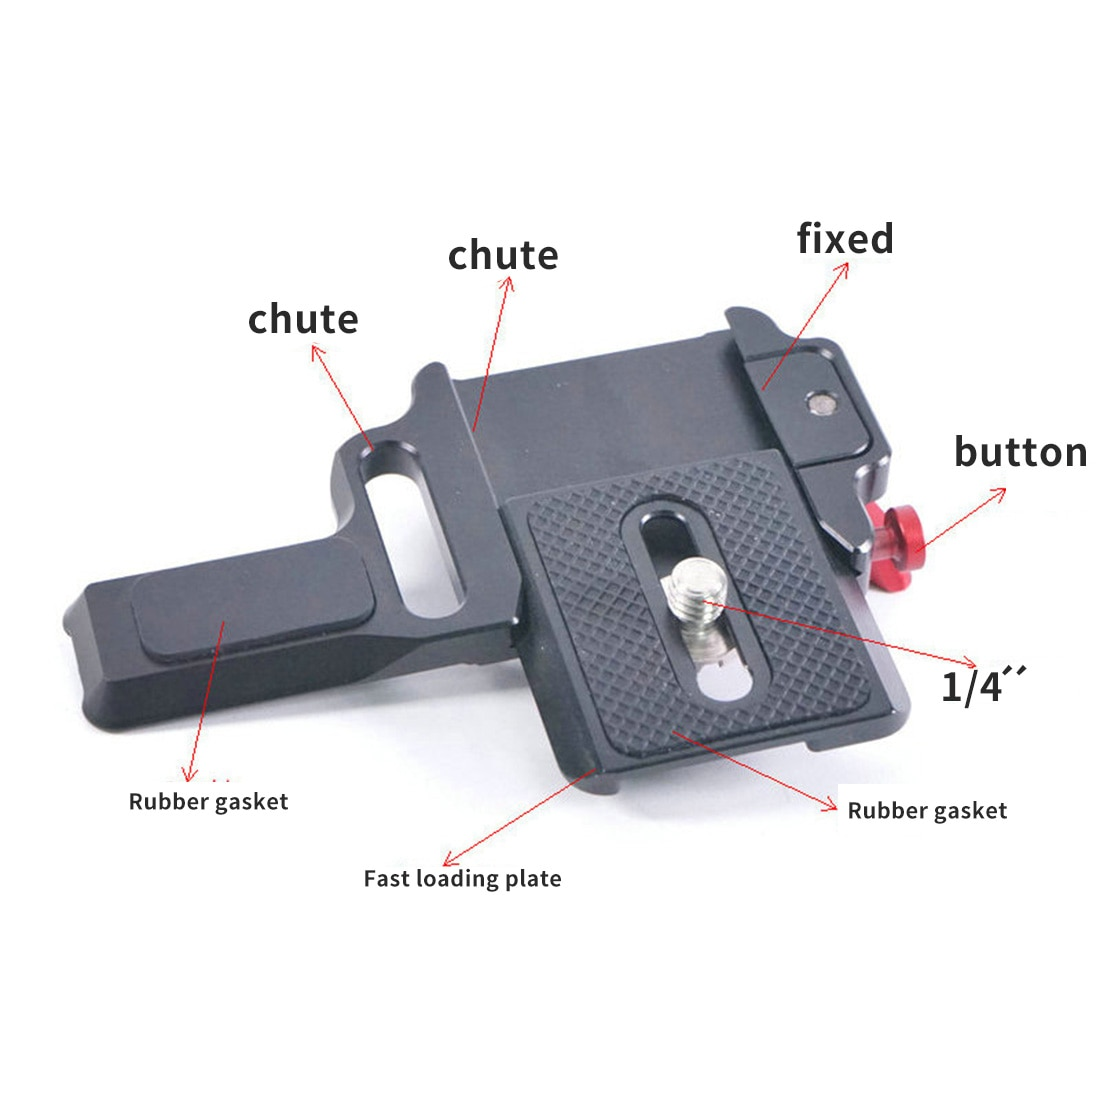 Placa de liberación rápida Feichao para Zhiyun Crane-M2 abrazadera de montaje Gimbal accesorios de placa QR adaptador de aleación de aluminio montaje 1/4 Tornillo